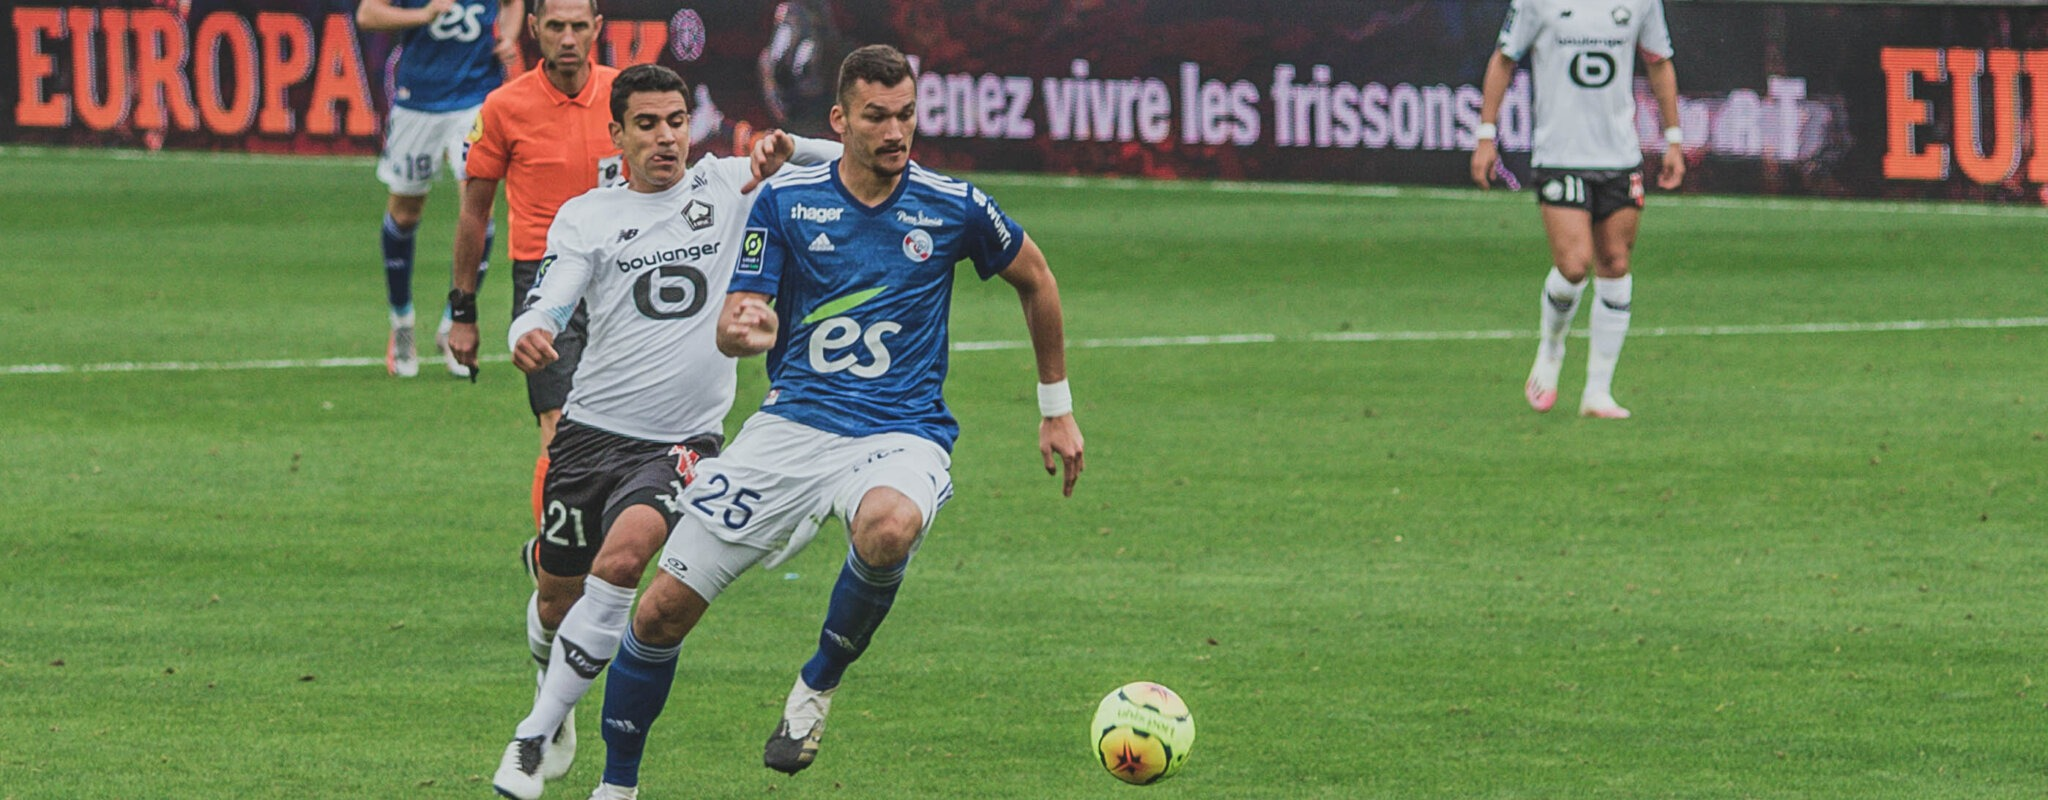 Retour sur le match entre Dijon et Strasbourg, nos tops et nos flops